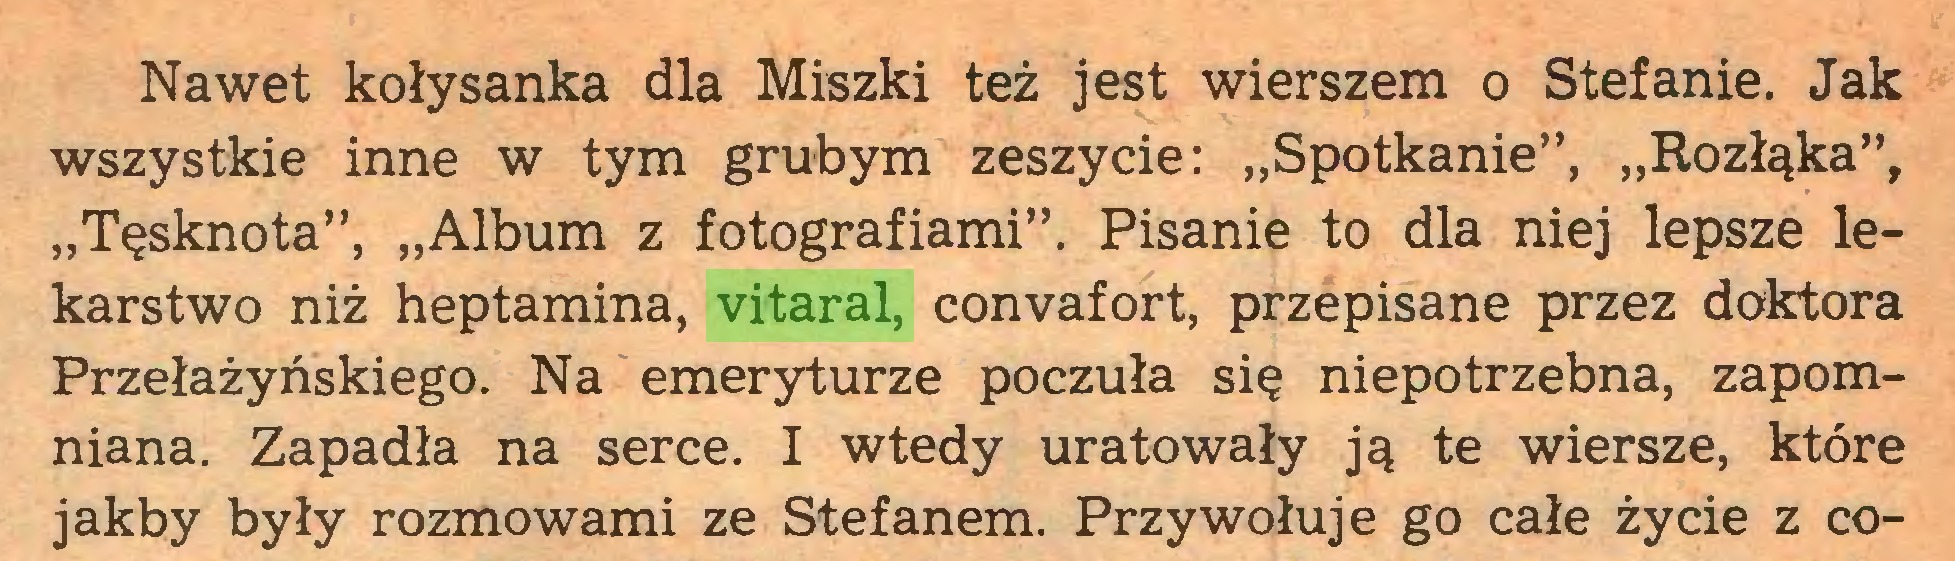 """(...) Nawet kołysanka dla Miszki też jest wierszem o Stefanie. Jak wszystkie inne w tym grubym zeszycie: """"Spotkanie"""", """"Rozłąka"""", """"Tęsknota"""", """"Album z fotografiami"""". Pisanie to dla niej lepsze lekarstwo niż heptamina, vitaral, convafort, przepisane przez doktora Przełazyńskiego. Na emeryturze poczuła się niepotrzebna, zapomniana. Zapadła na serce. I wtedy uratowały ją te wiersze, które jakby były rozmowami ze Stefanem. Przywołuje go całe życie z co..."""